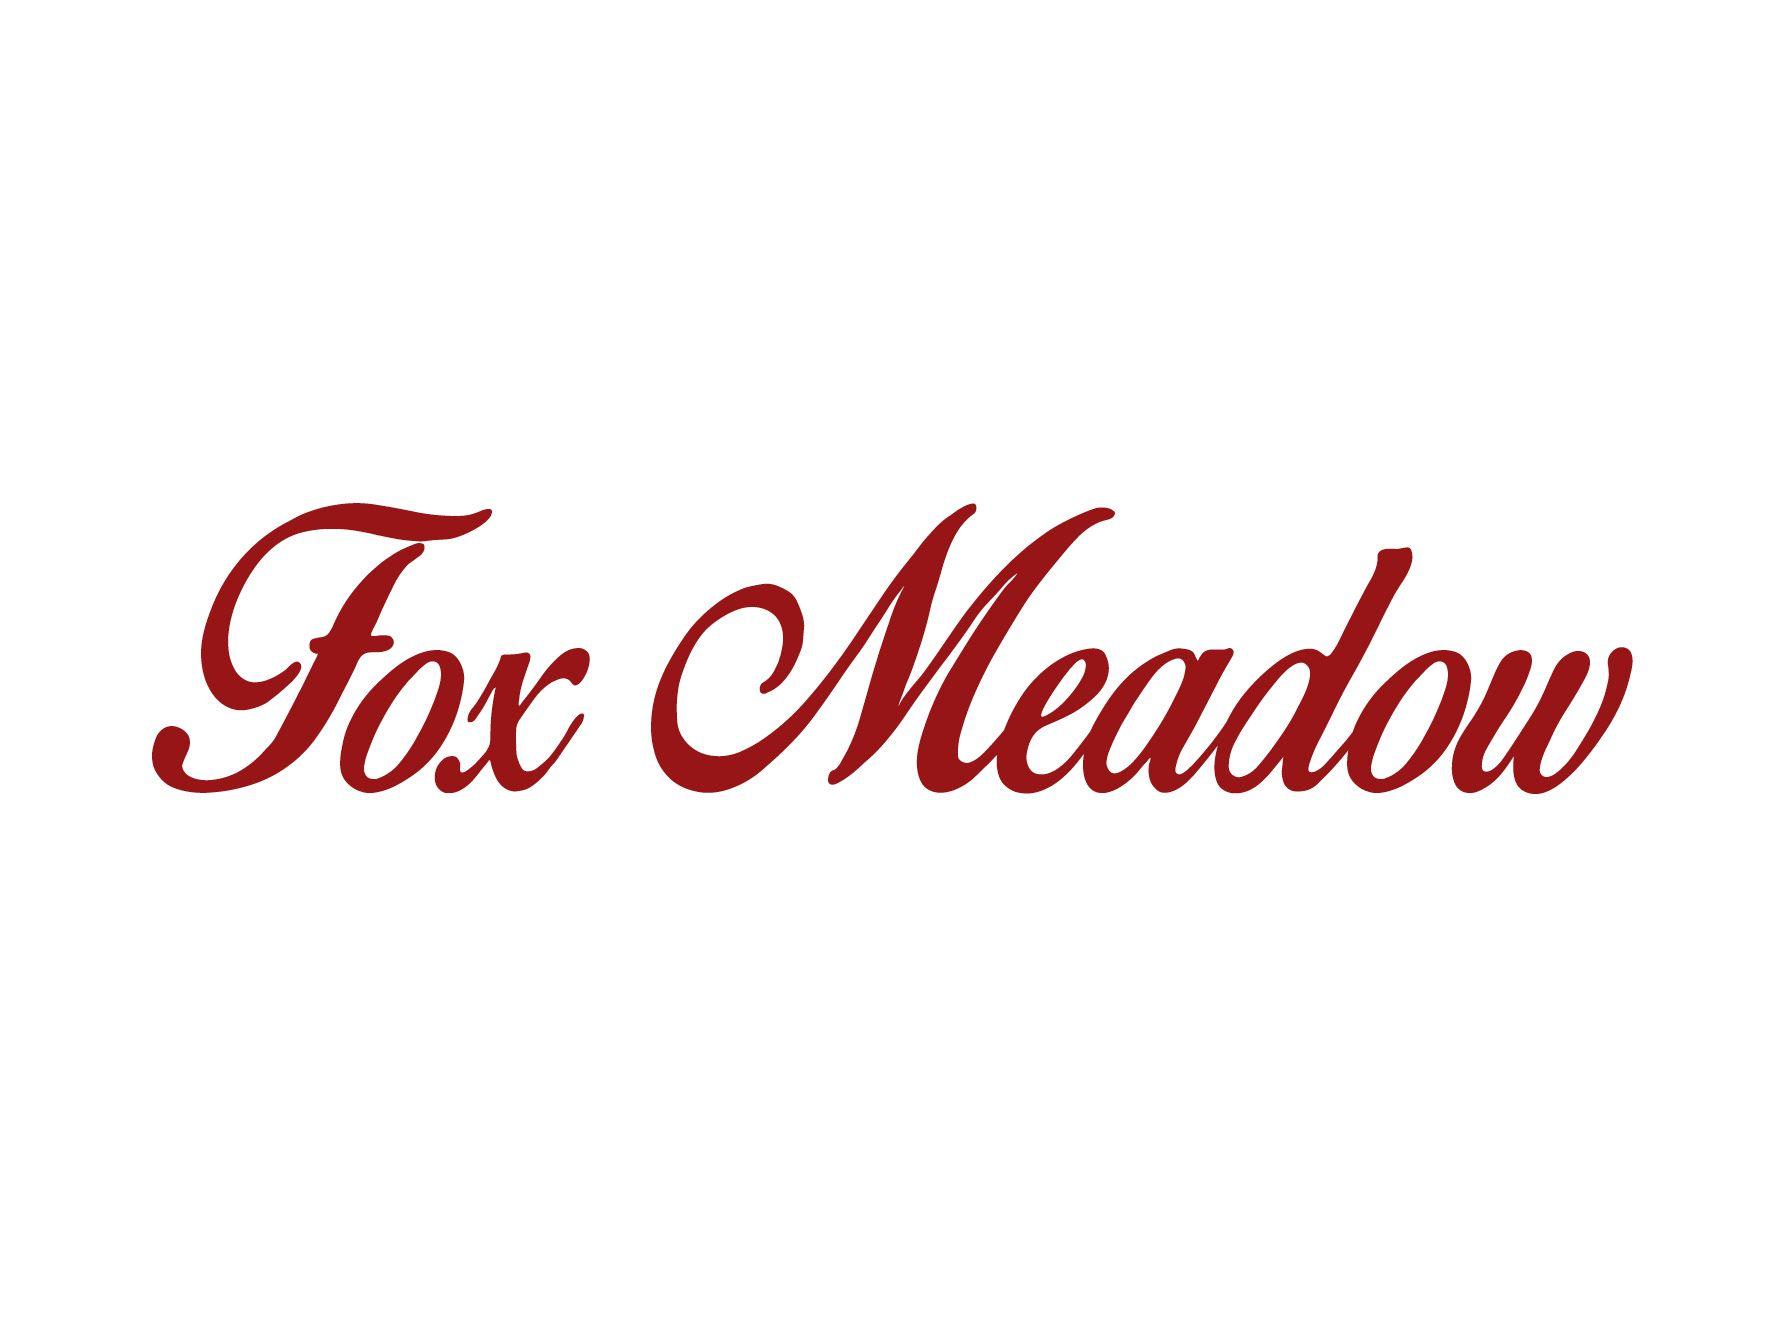 Fox Meadow,46748